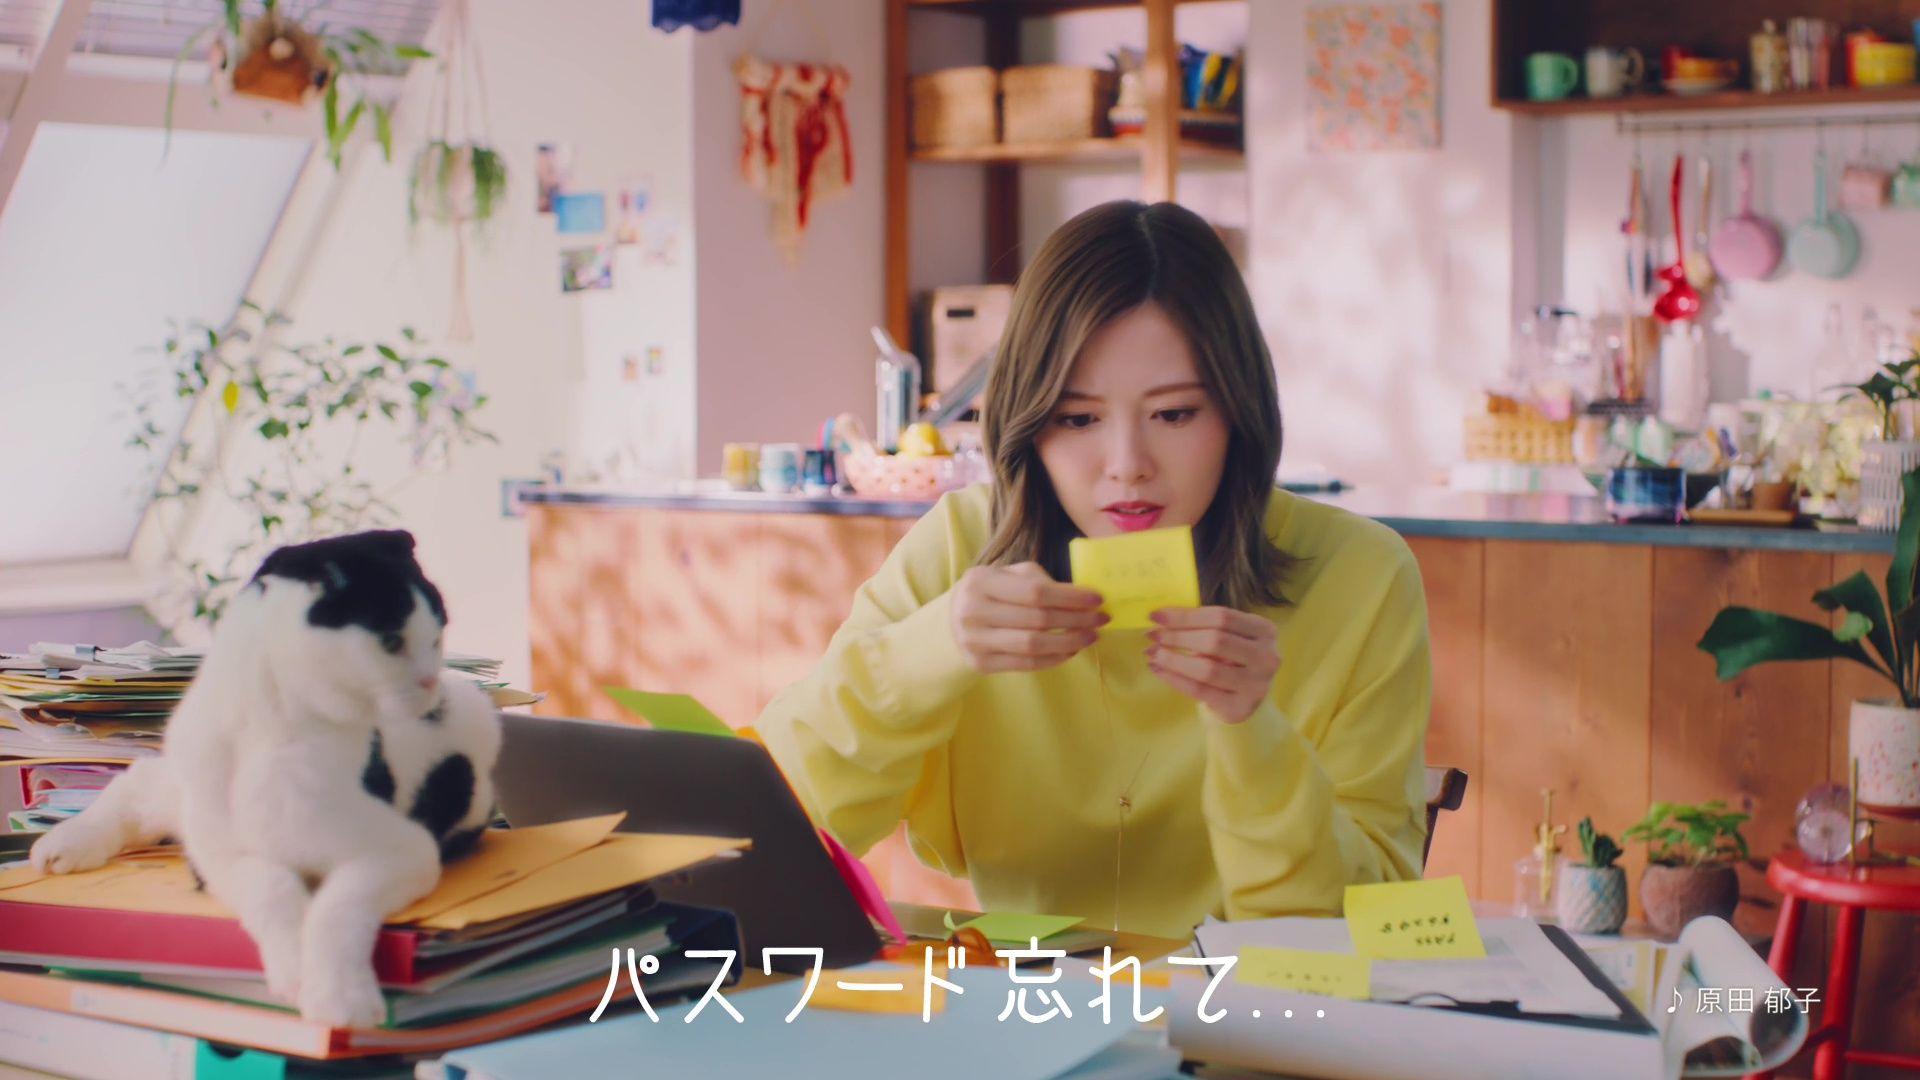 元乃木坂46白石麻衣「パスワード忘れちゃった!」新CM動画が公開!【画像17枚】の画像003